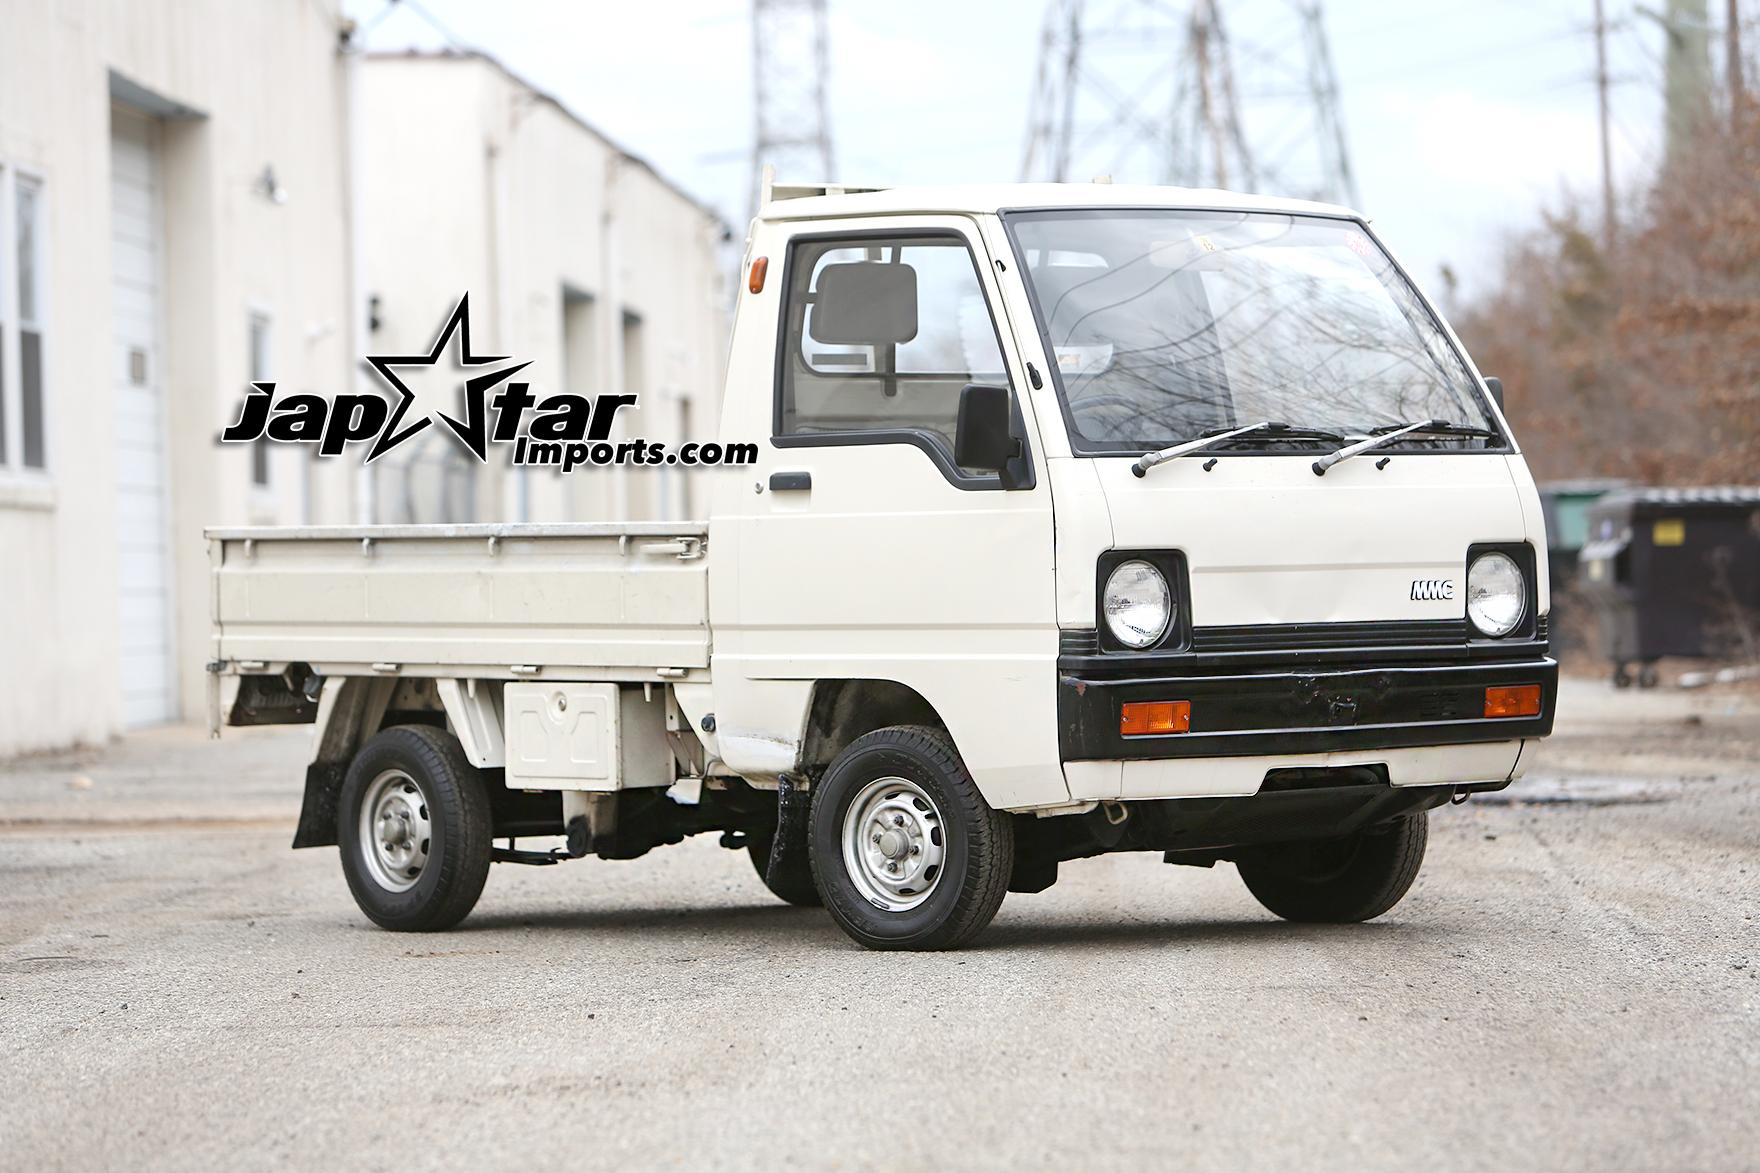 1987 Mitsubishi MiniCab Super Delux - $4,000